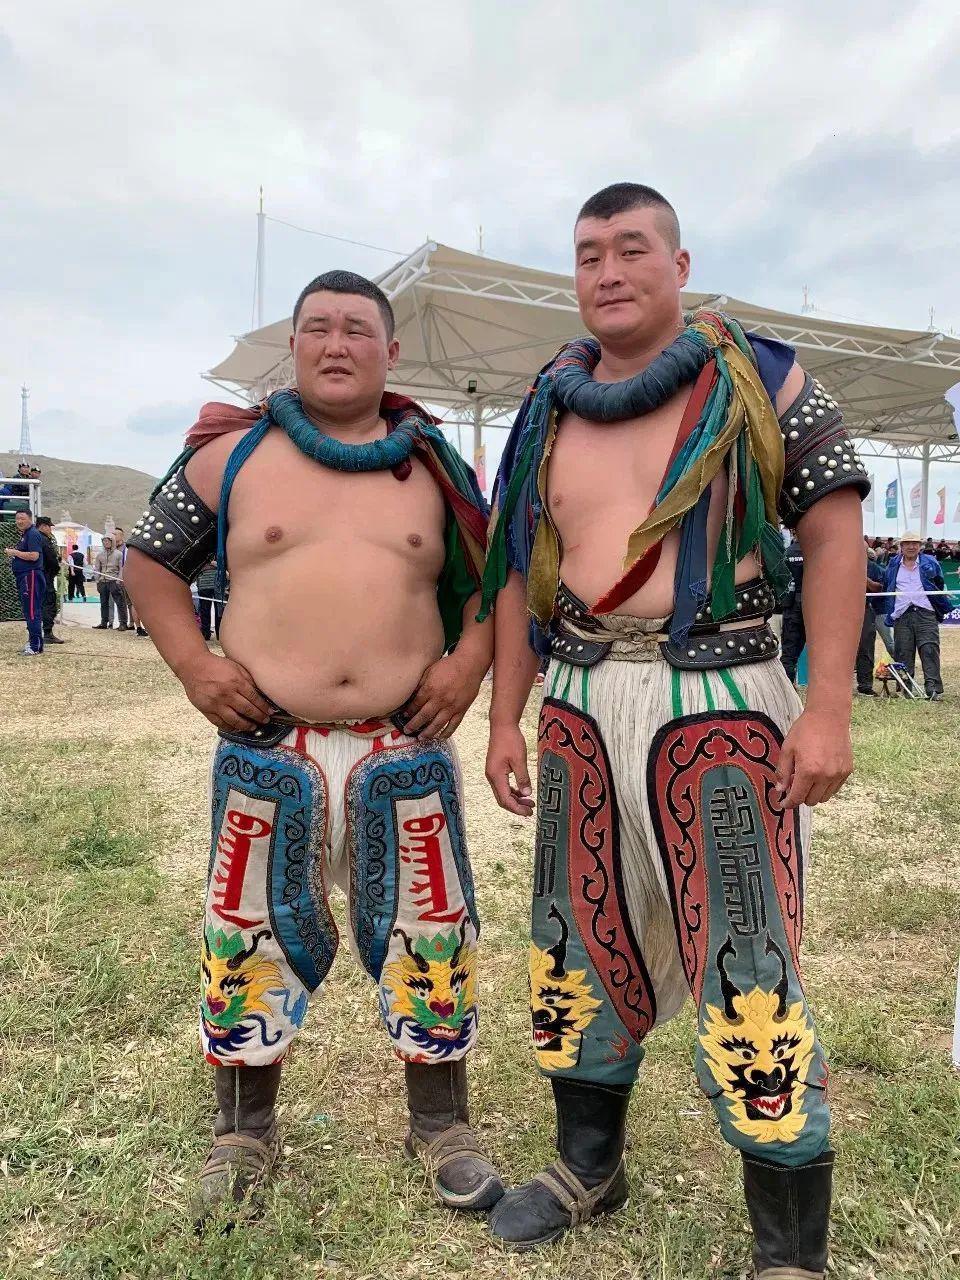 蒙古摔跤手